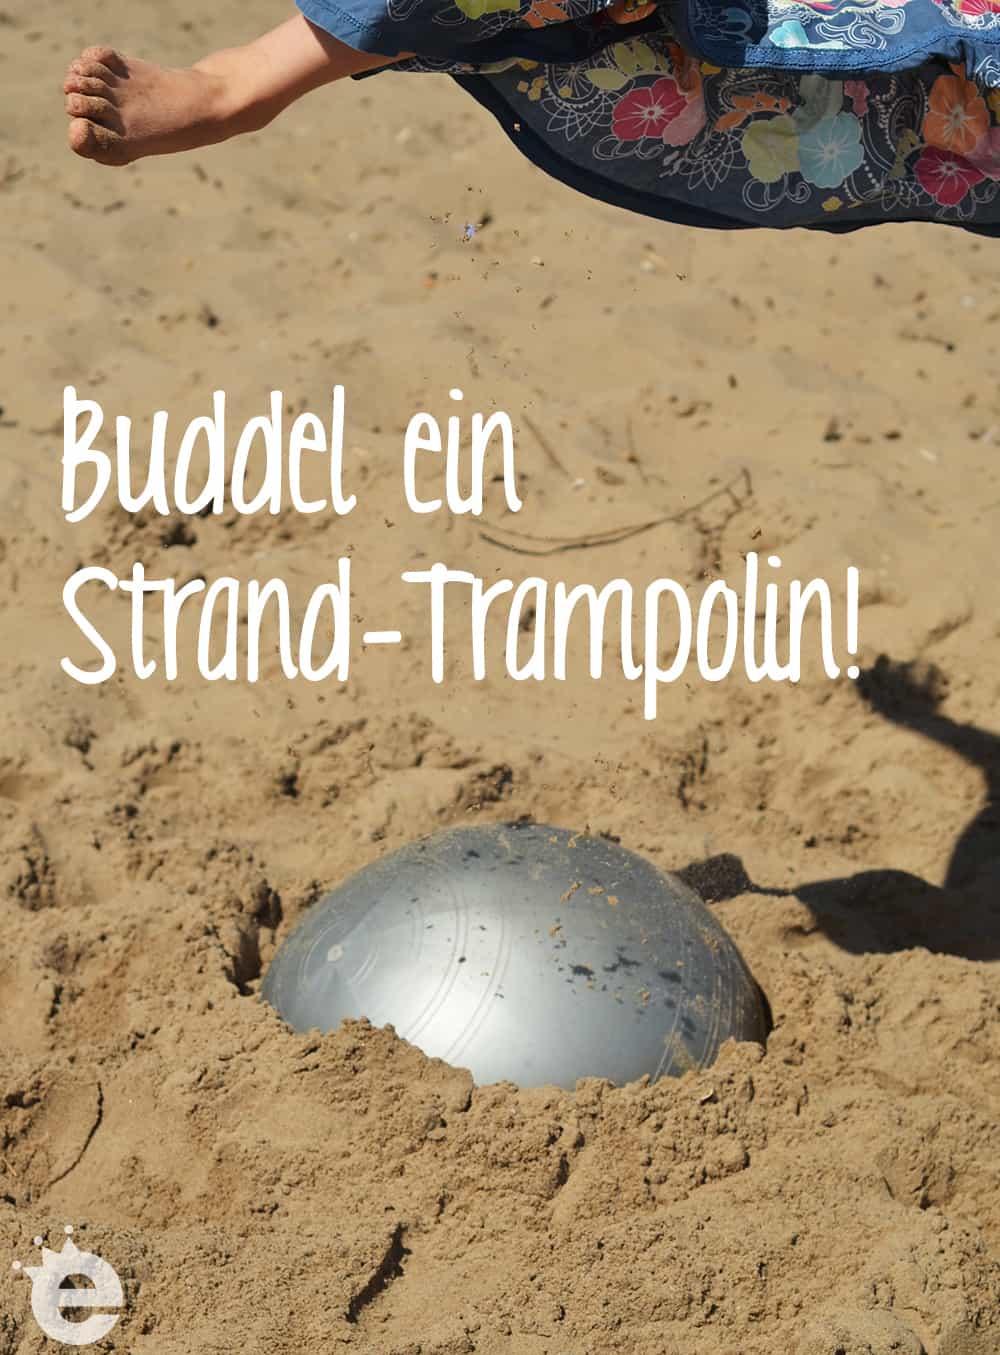 Buddel dir ein Strand-Trampolin aus einem großen Ball